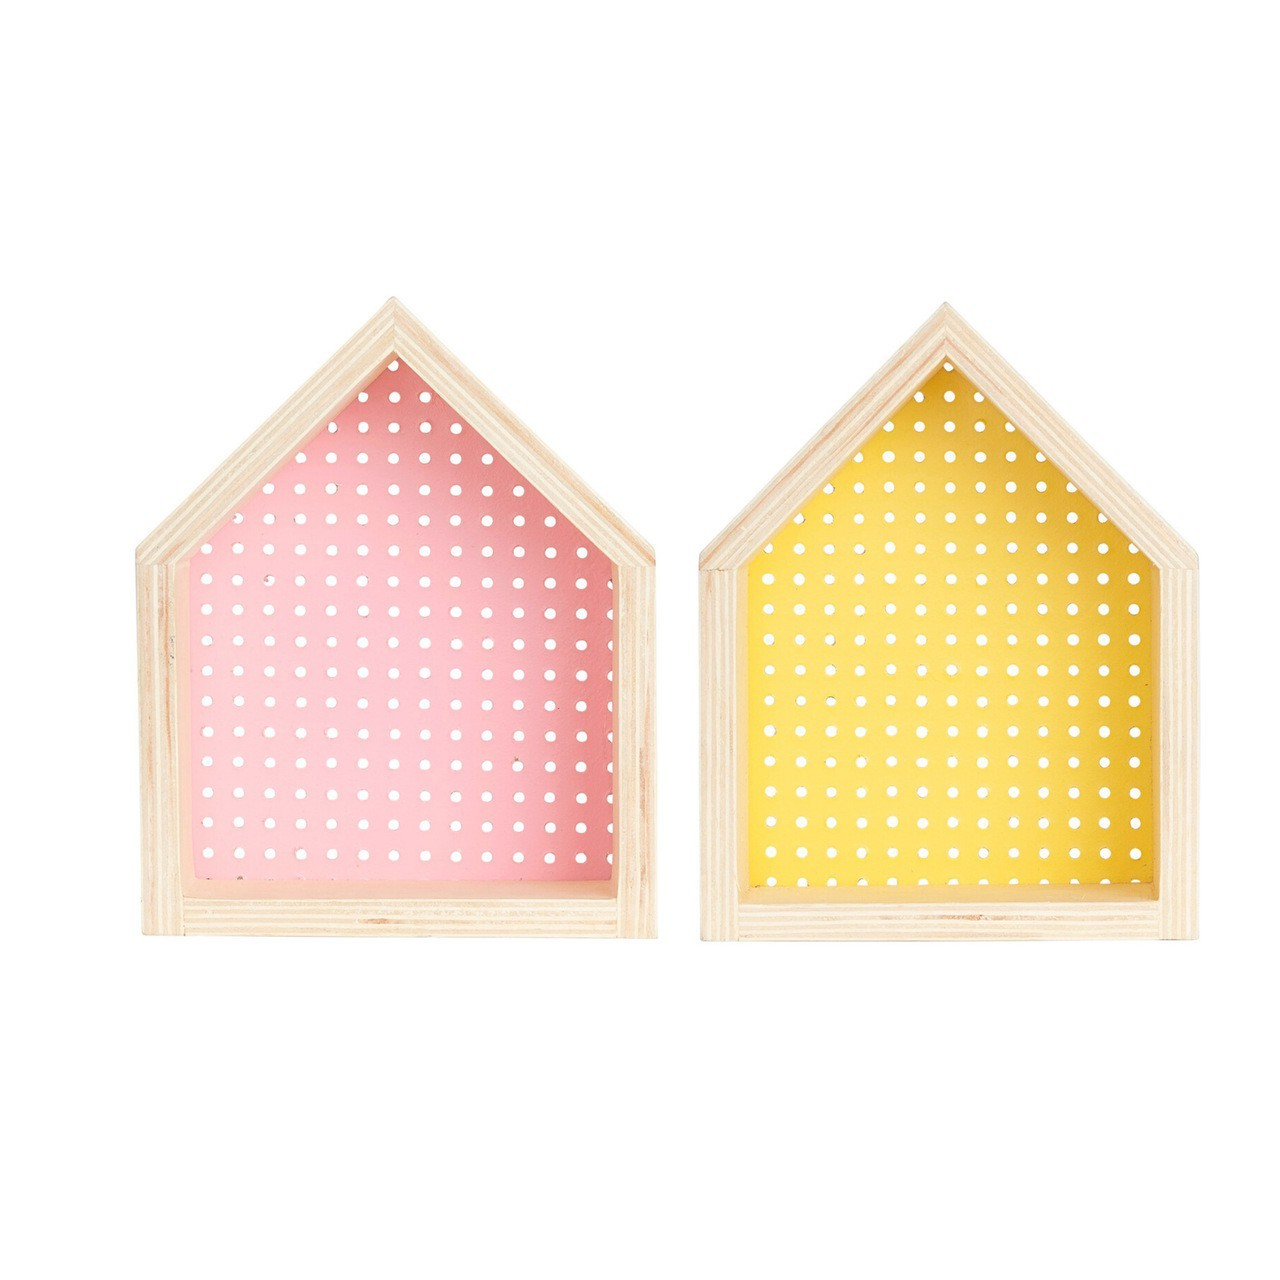 Kit Nicho Casinha perfurado  decoração 26 x 10 x 20 cm cor amarelo e rosa  - Pomelo Decor